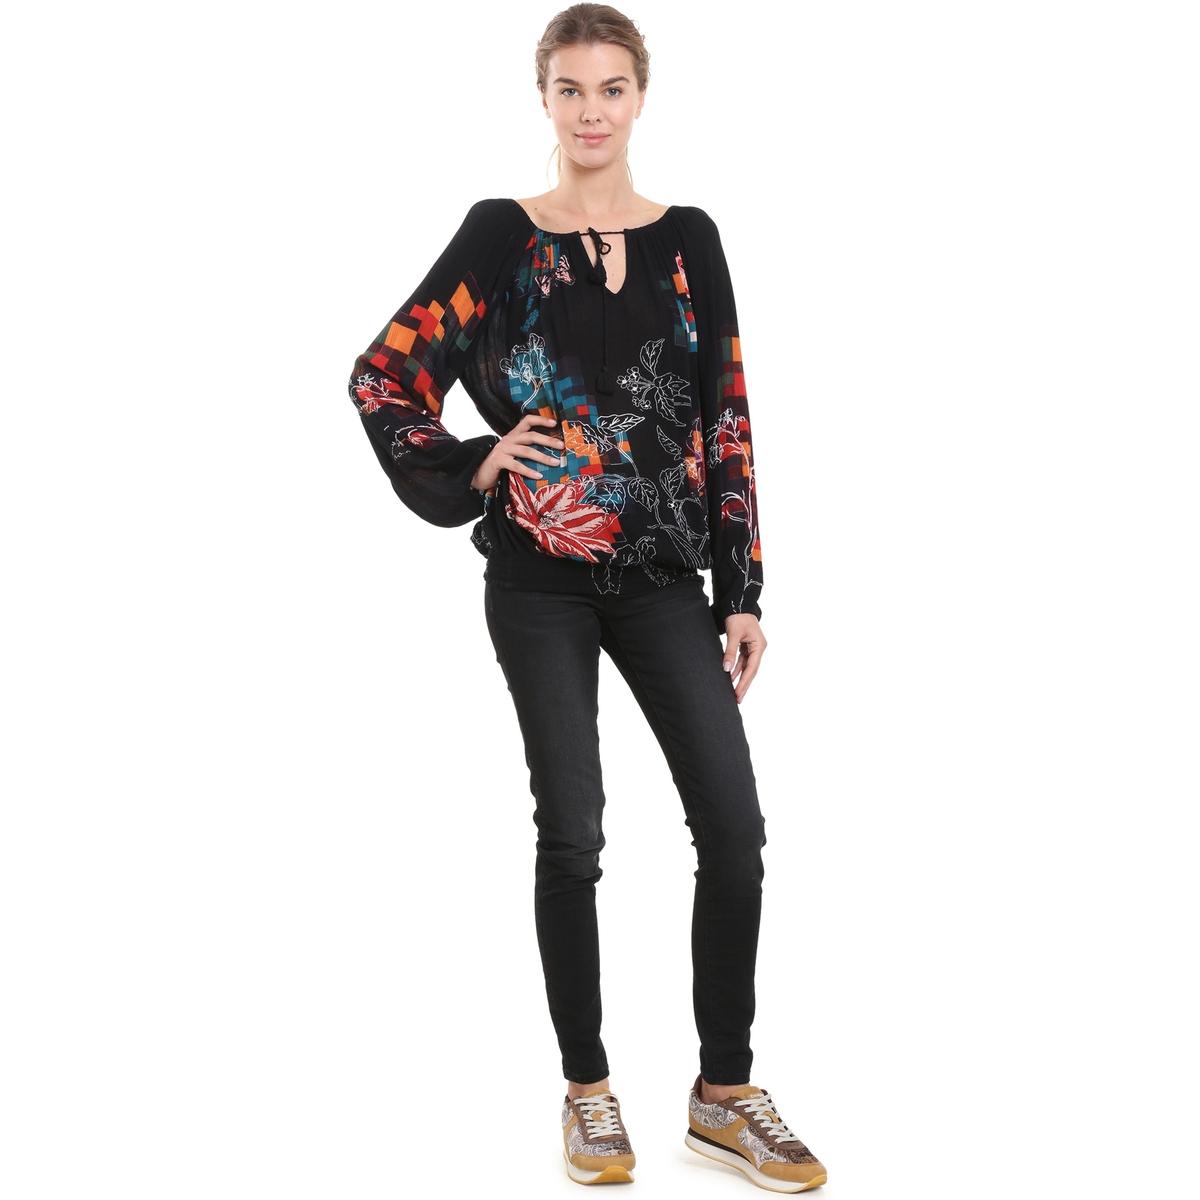 Блузка с вырезом-лодочка, цветочным принтом и длинными рукавами